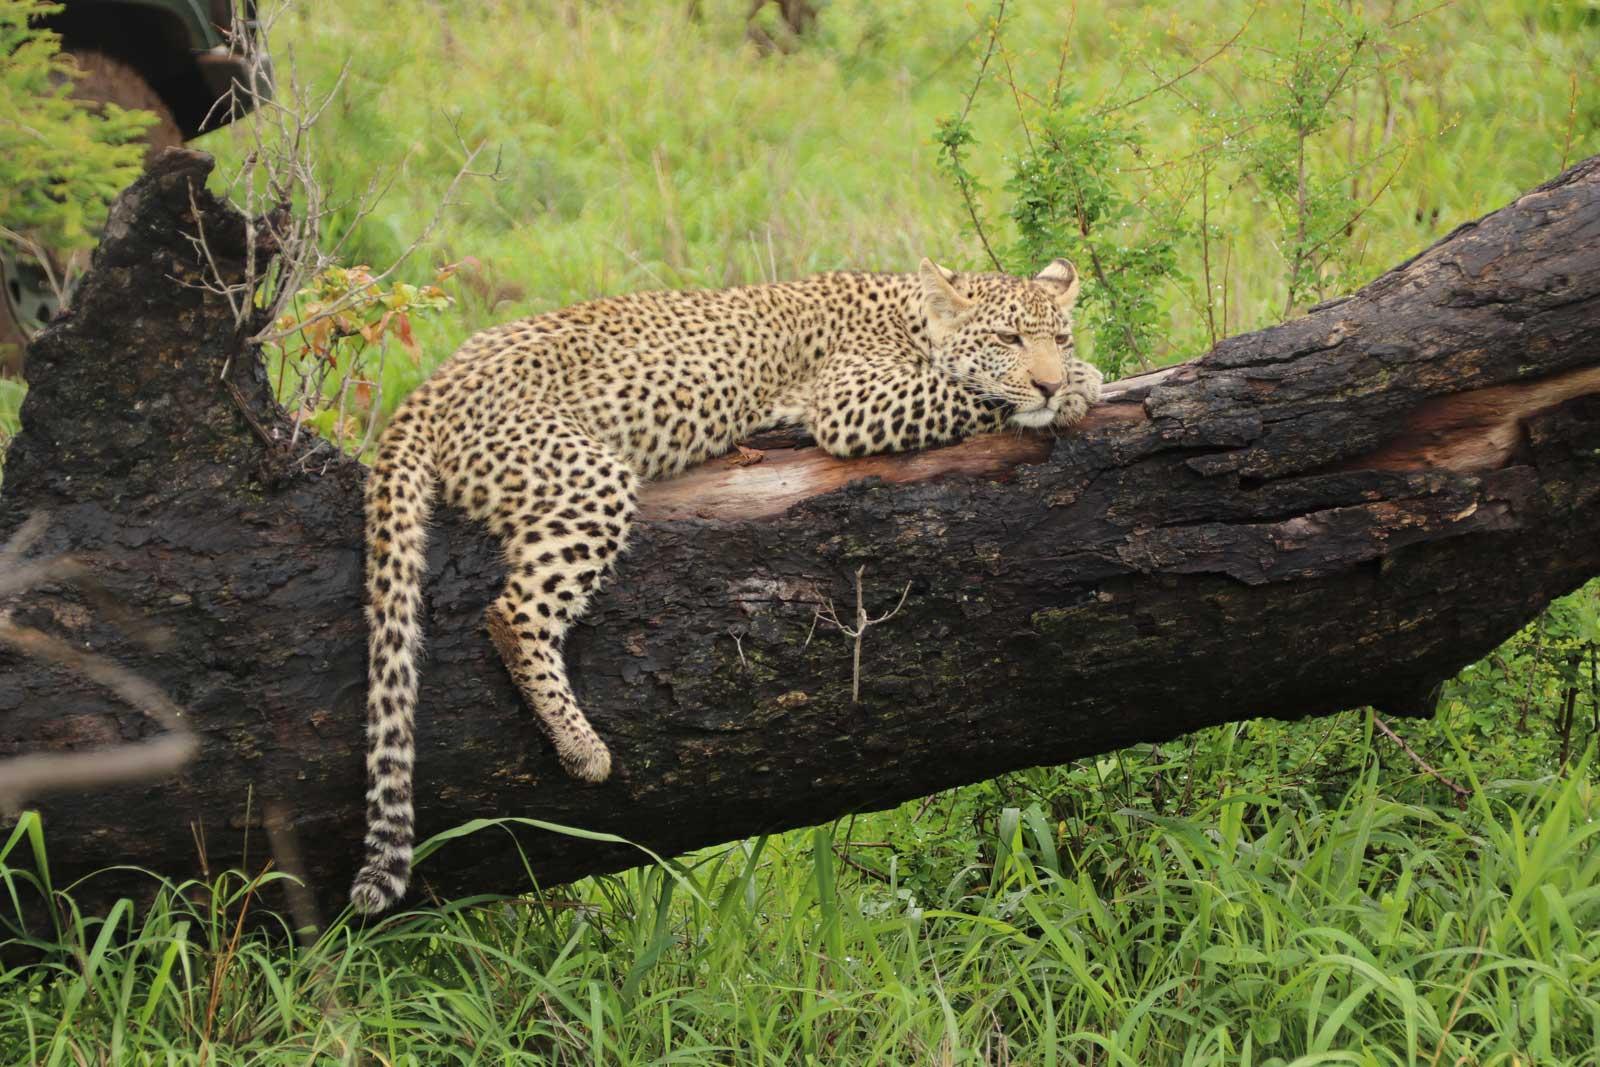 Leopards in Manyaleti